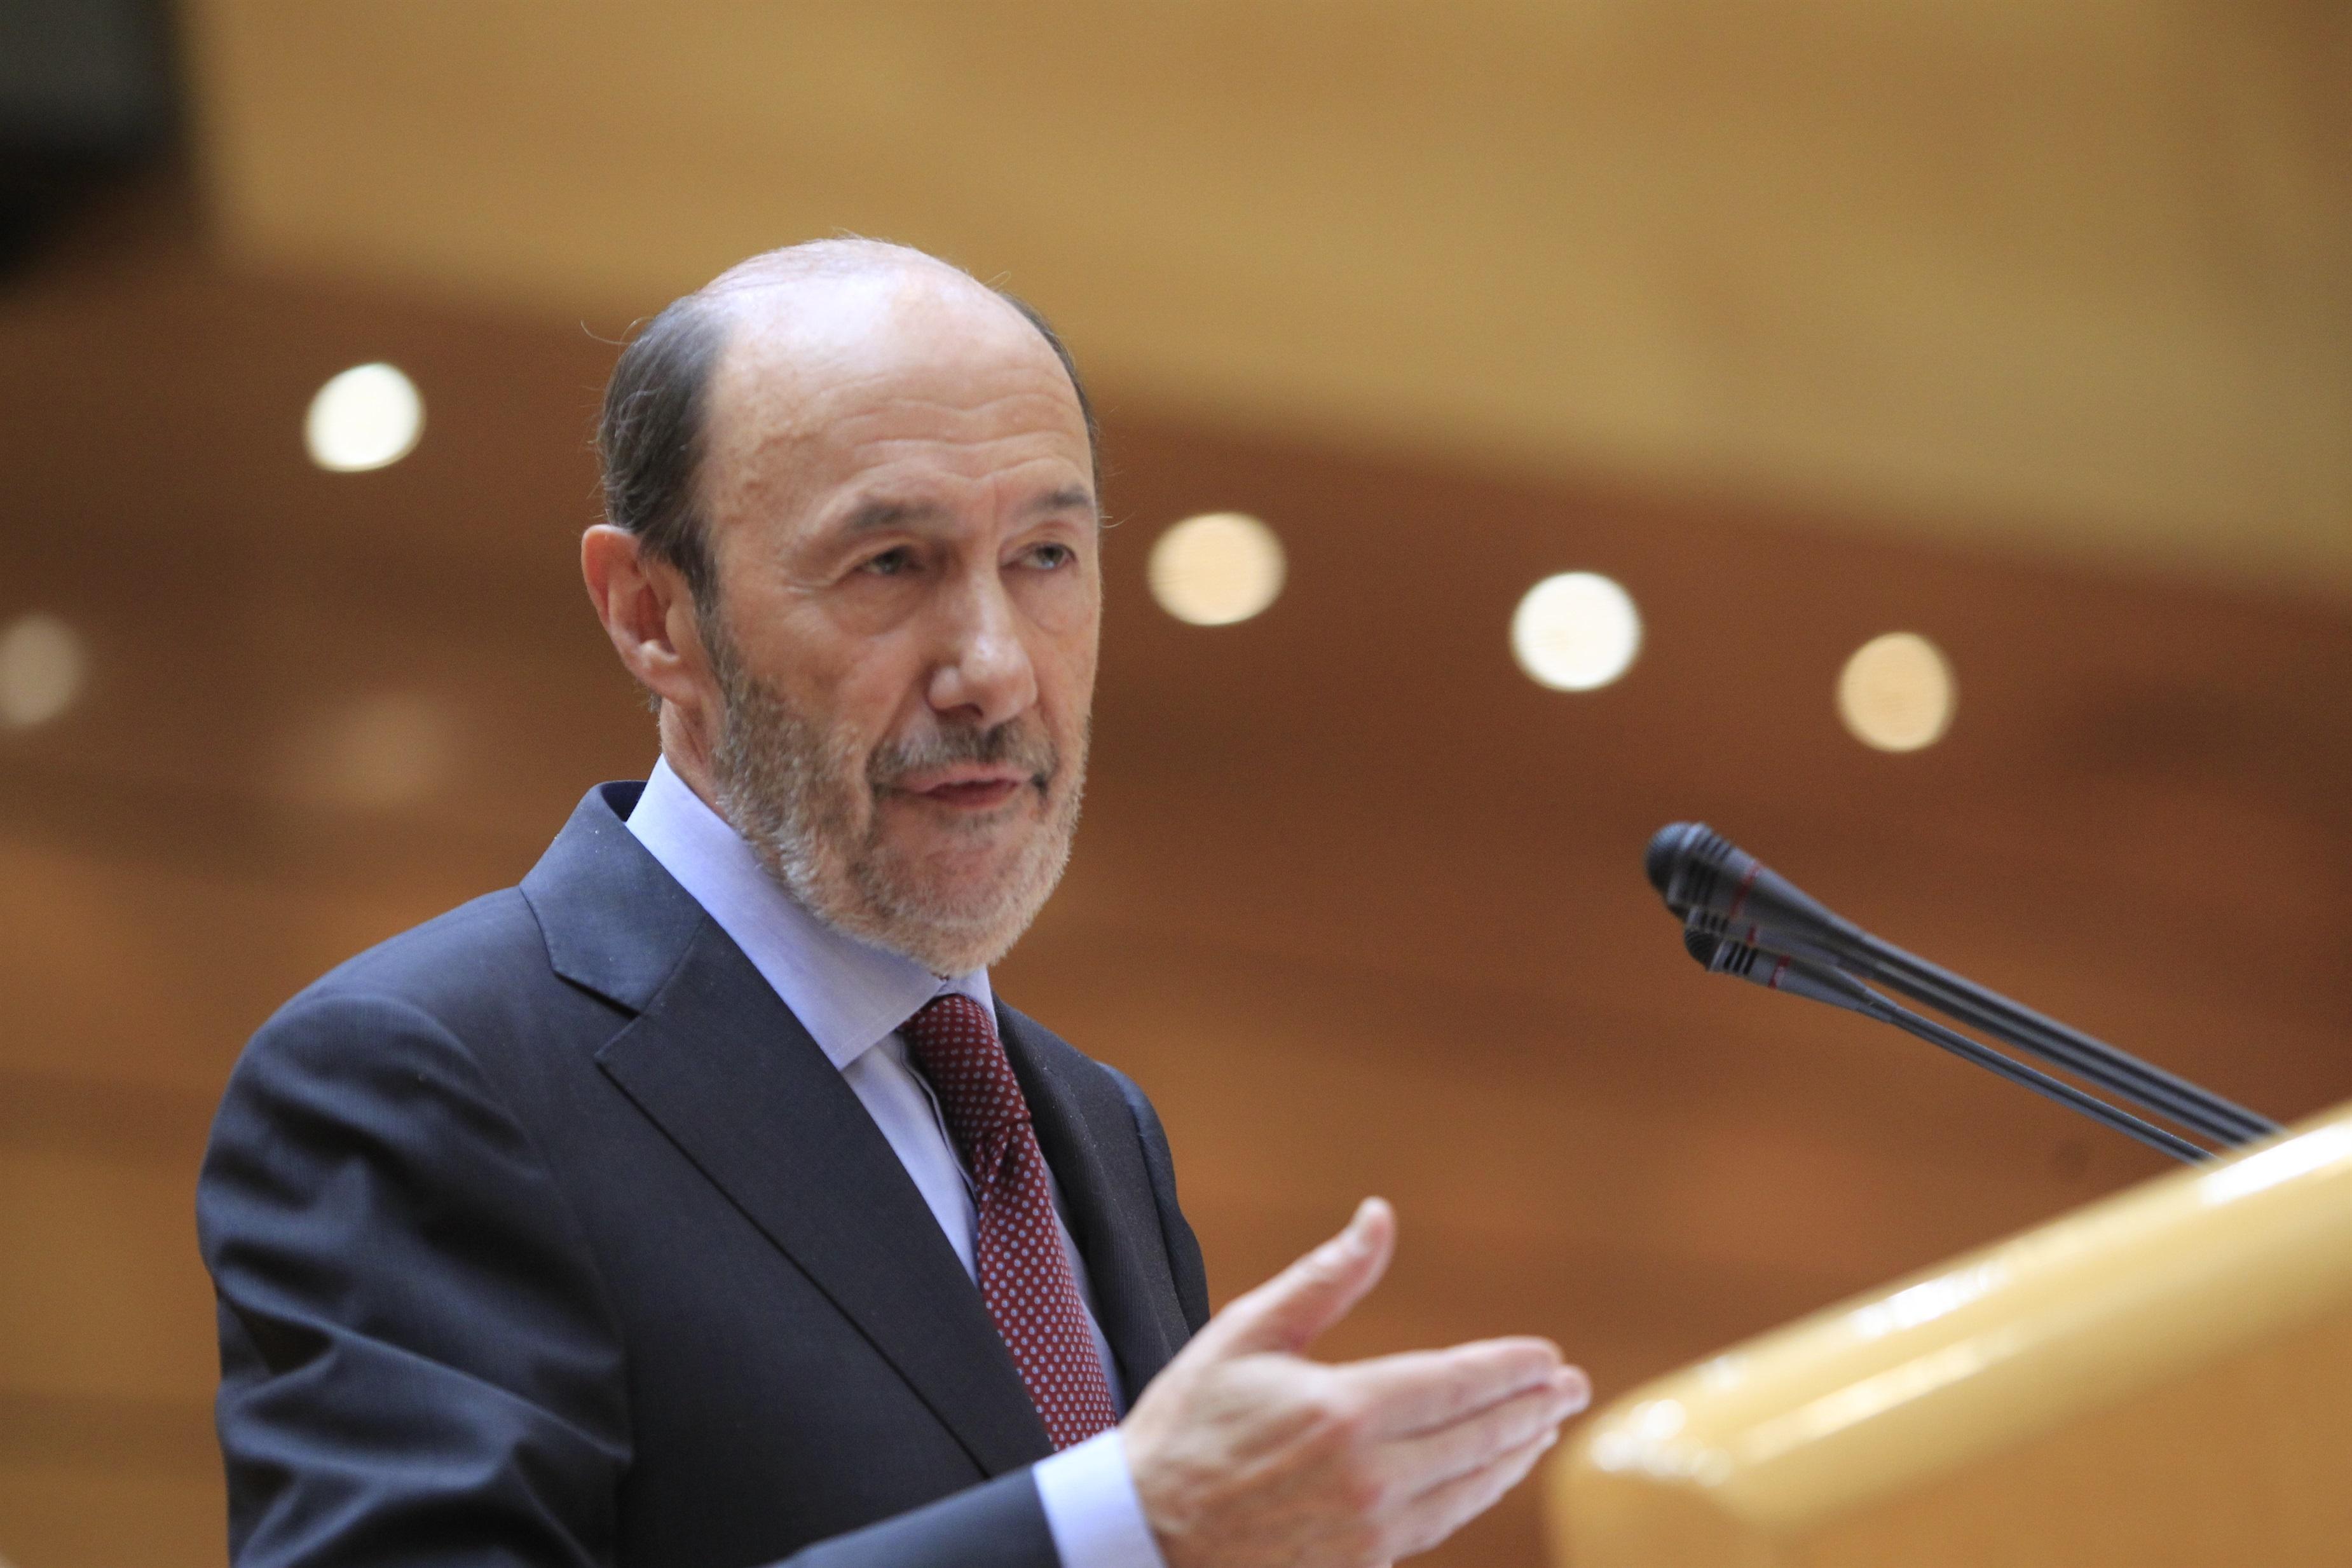 Rubalcaba ganó un total de 574.813 euros netos entre 2003 y 2012, según sus declaraciones de la renta